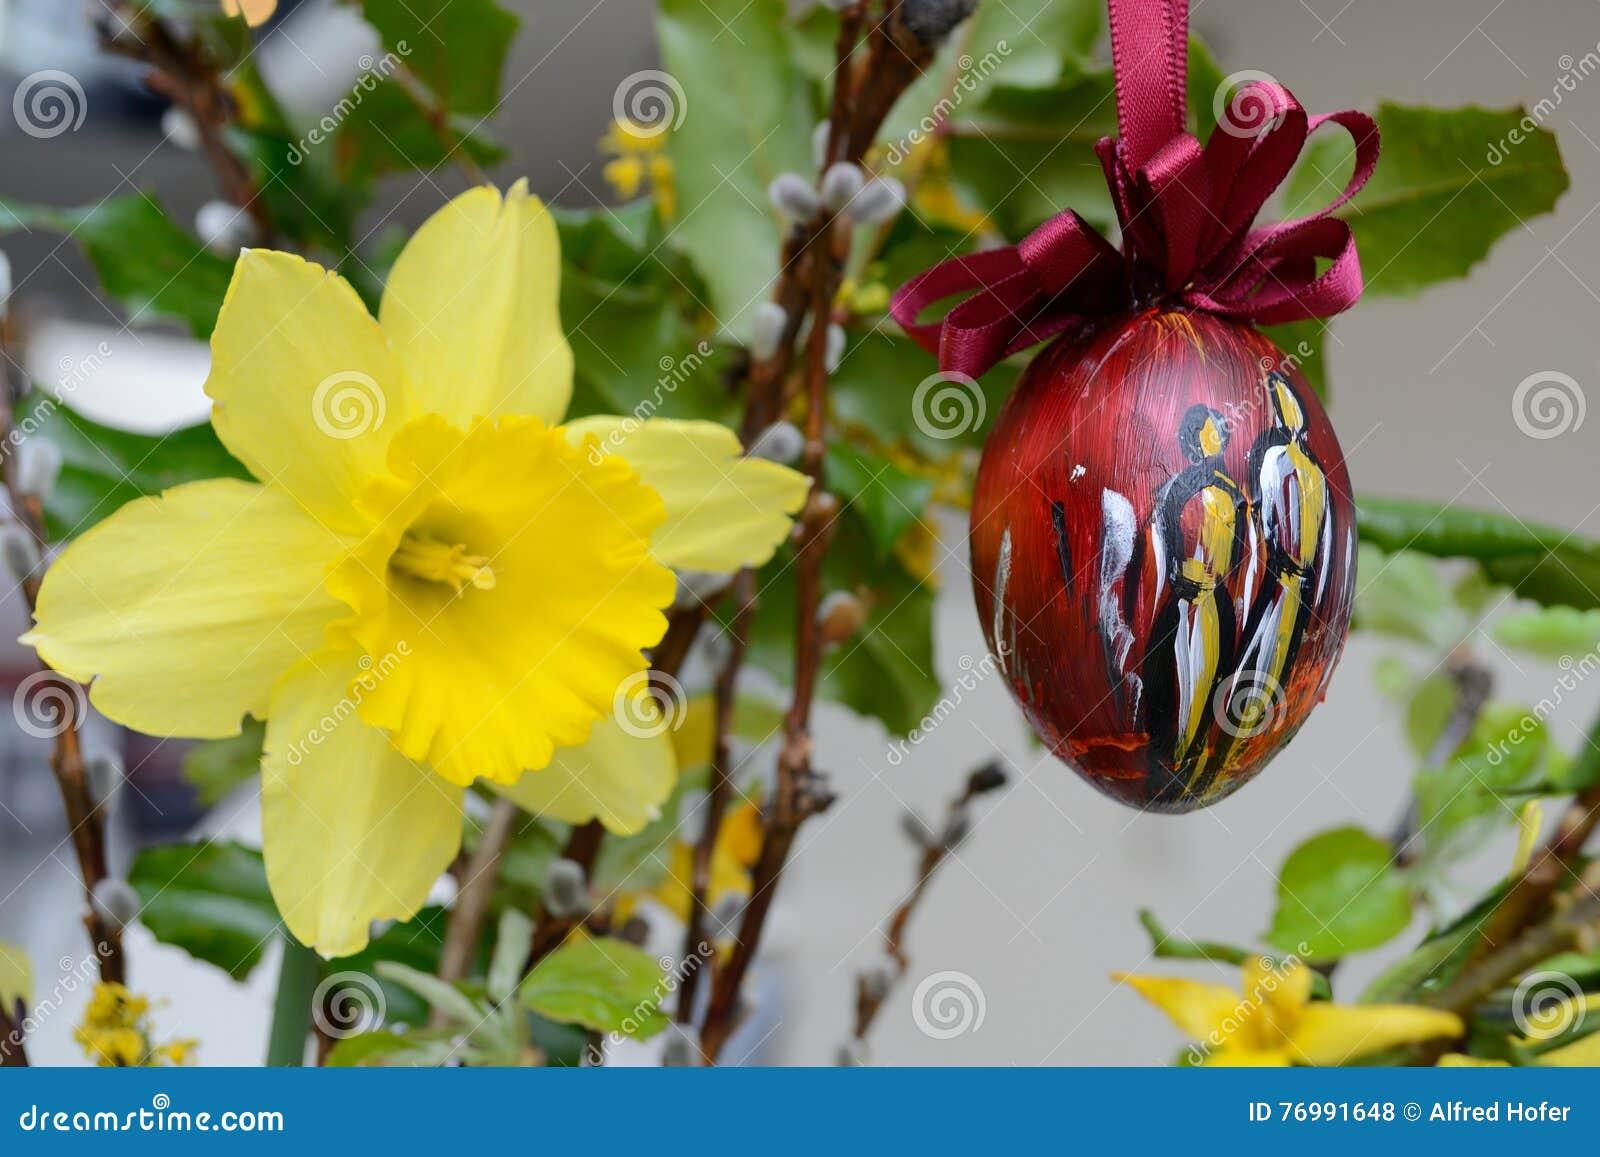 复活节装饰-春天花